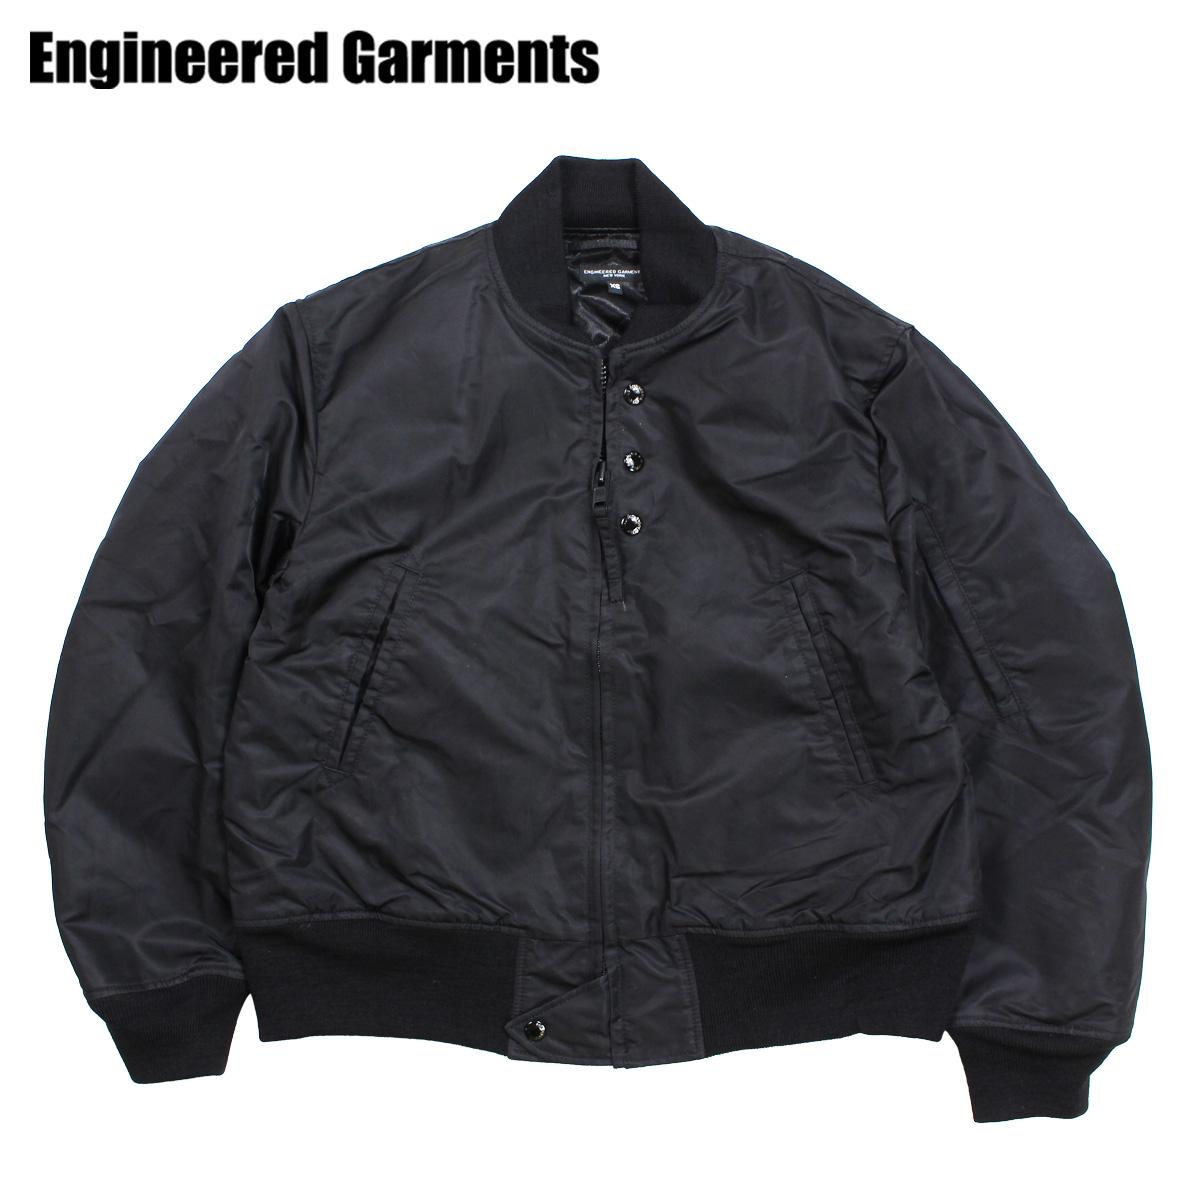 ENGINEERED GARMENTS AVIATOR JACKET エンジニアドガーメンツ ジャケット メンズ MA1 フライトジャケット ブラック F8D1191